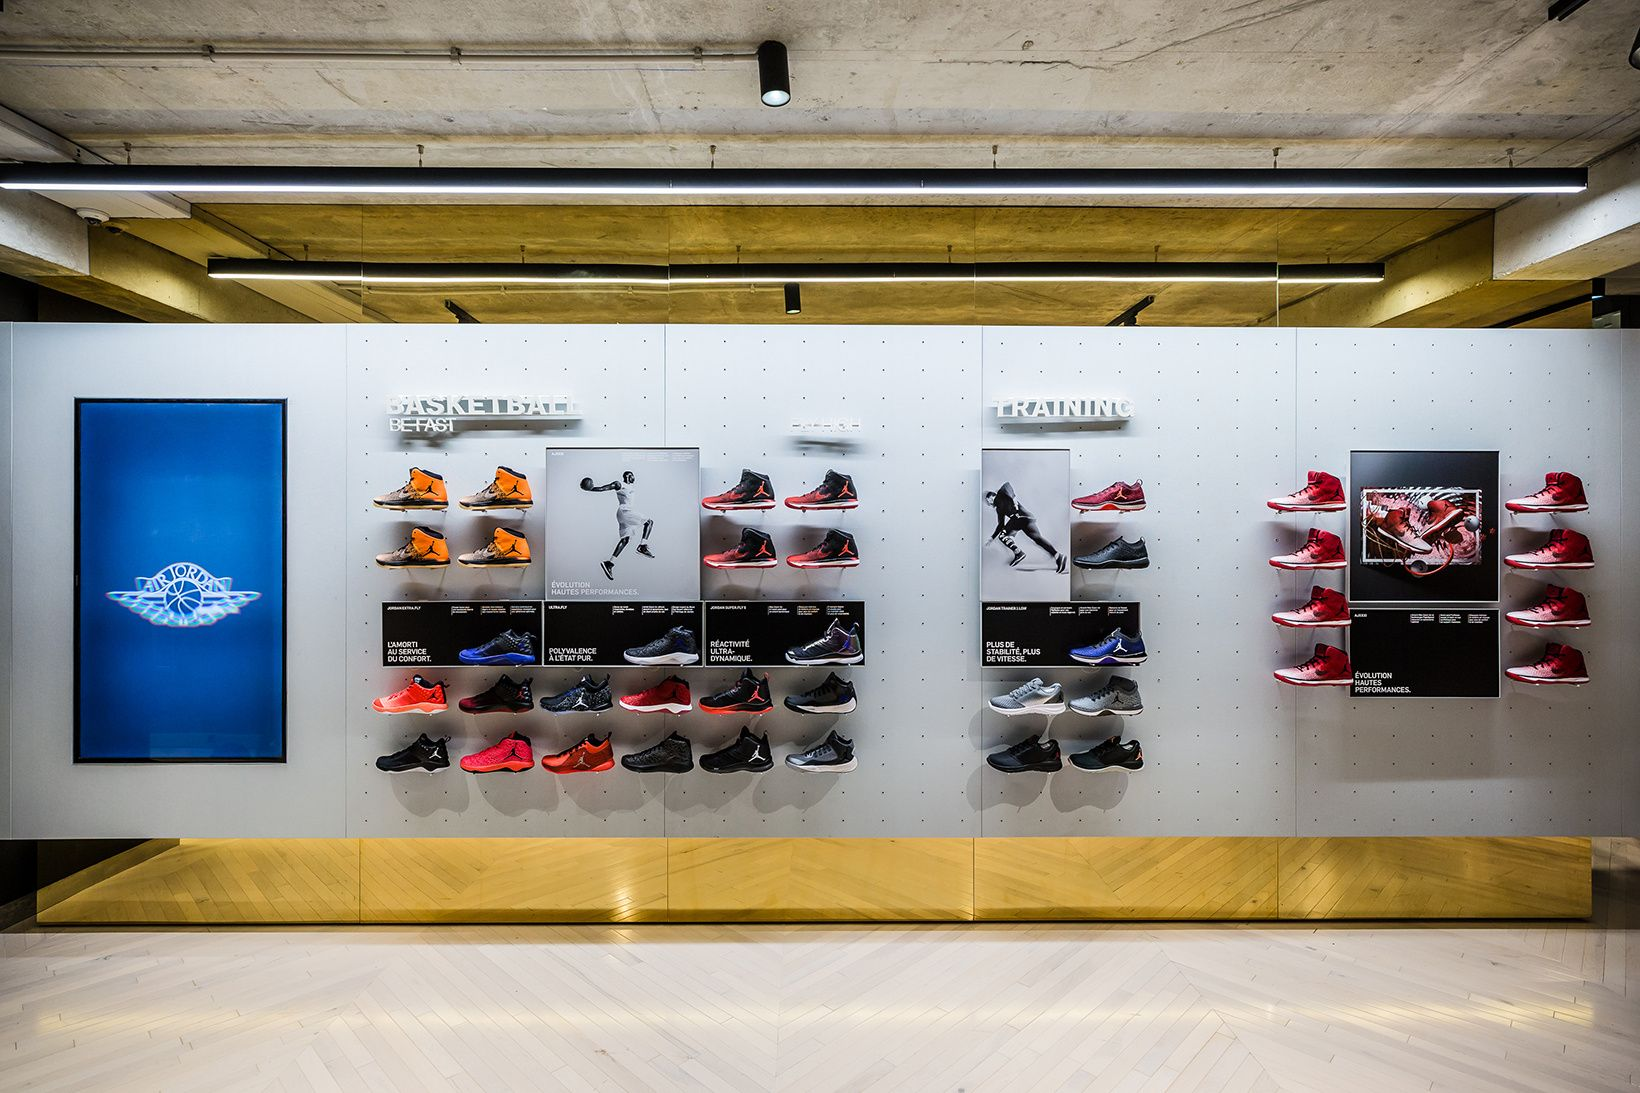 Jordan Brand Pinnacle Store